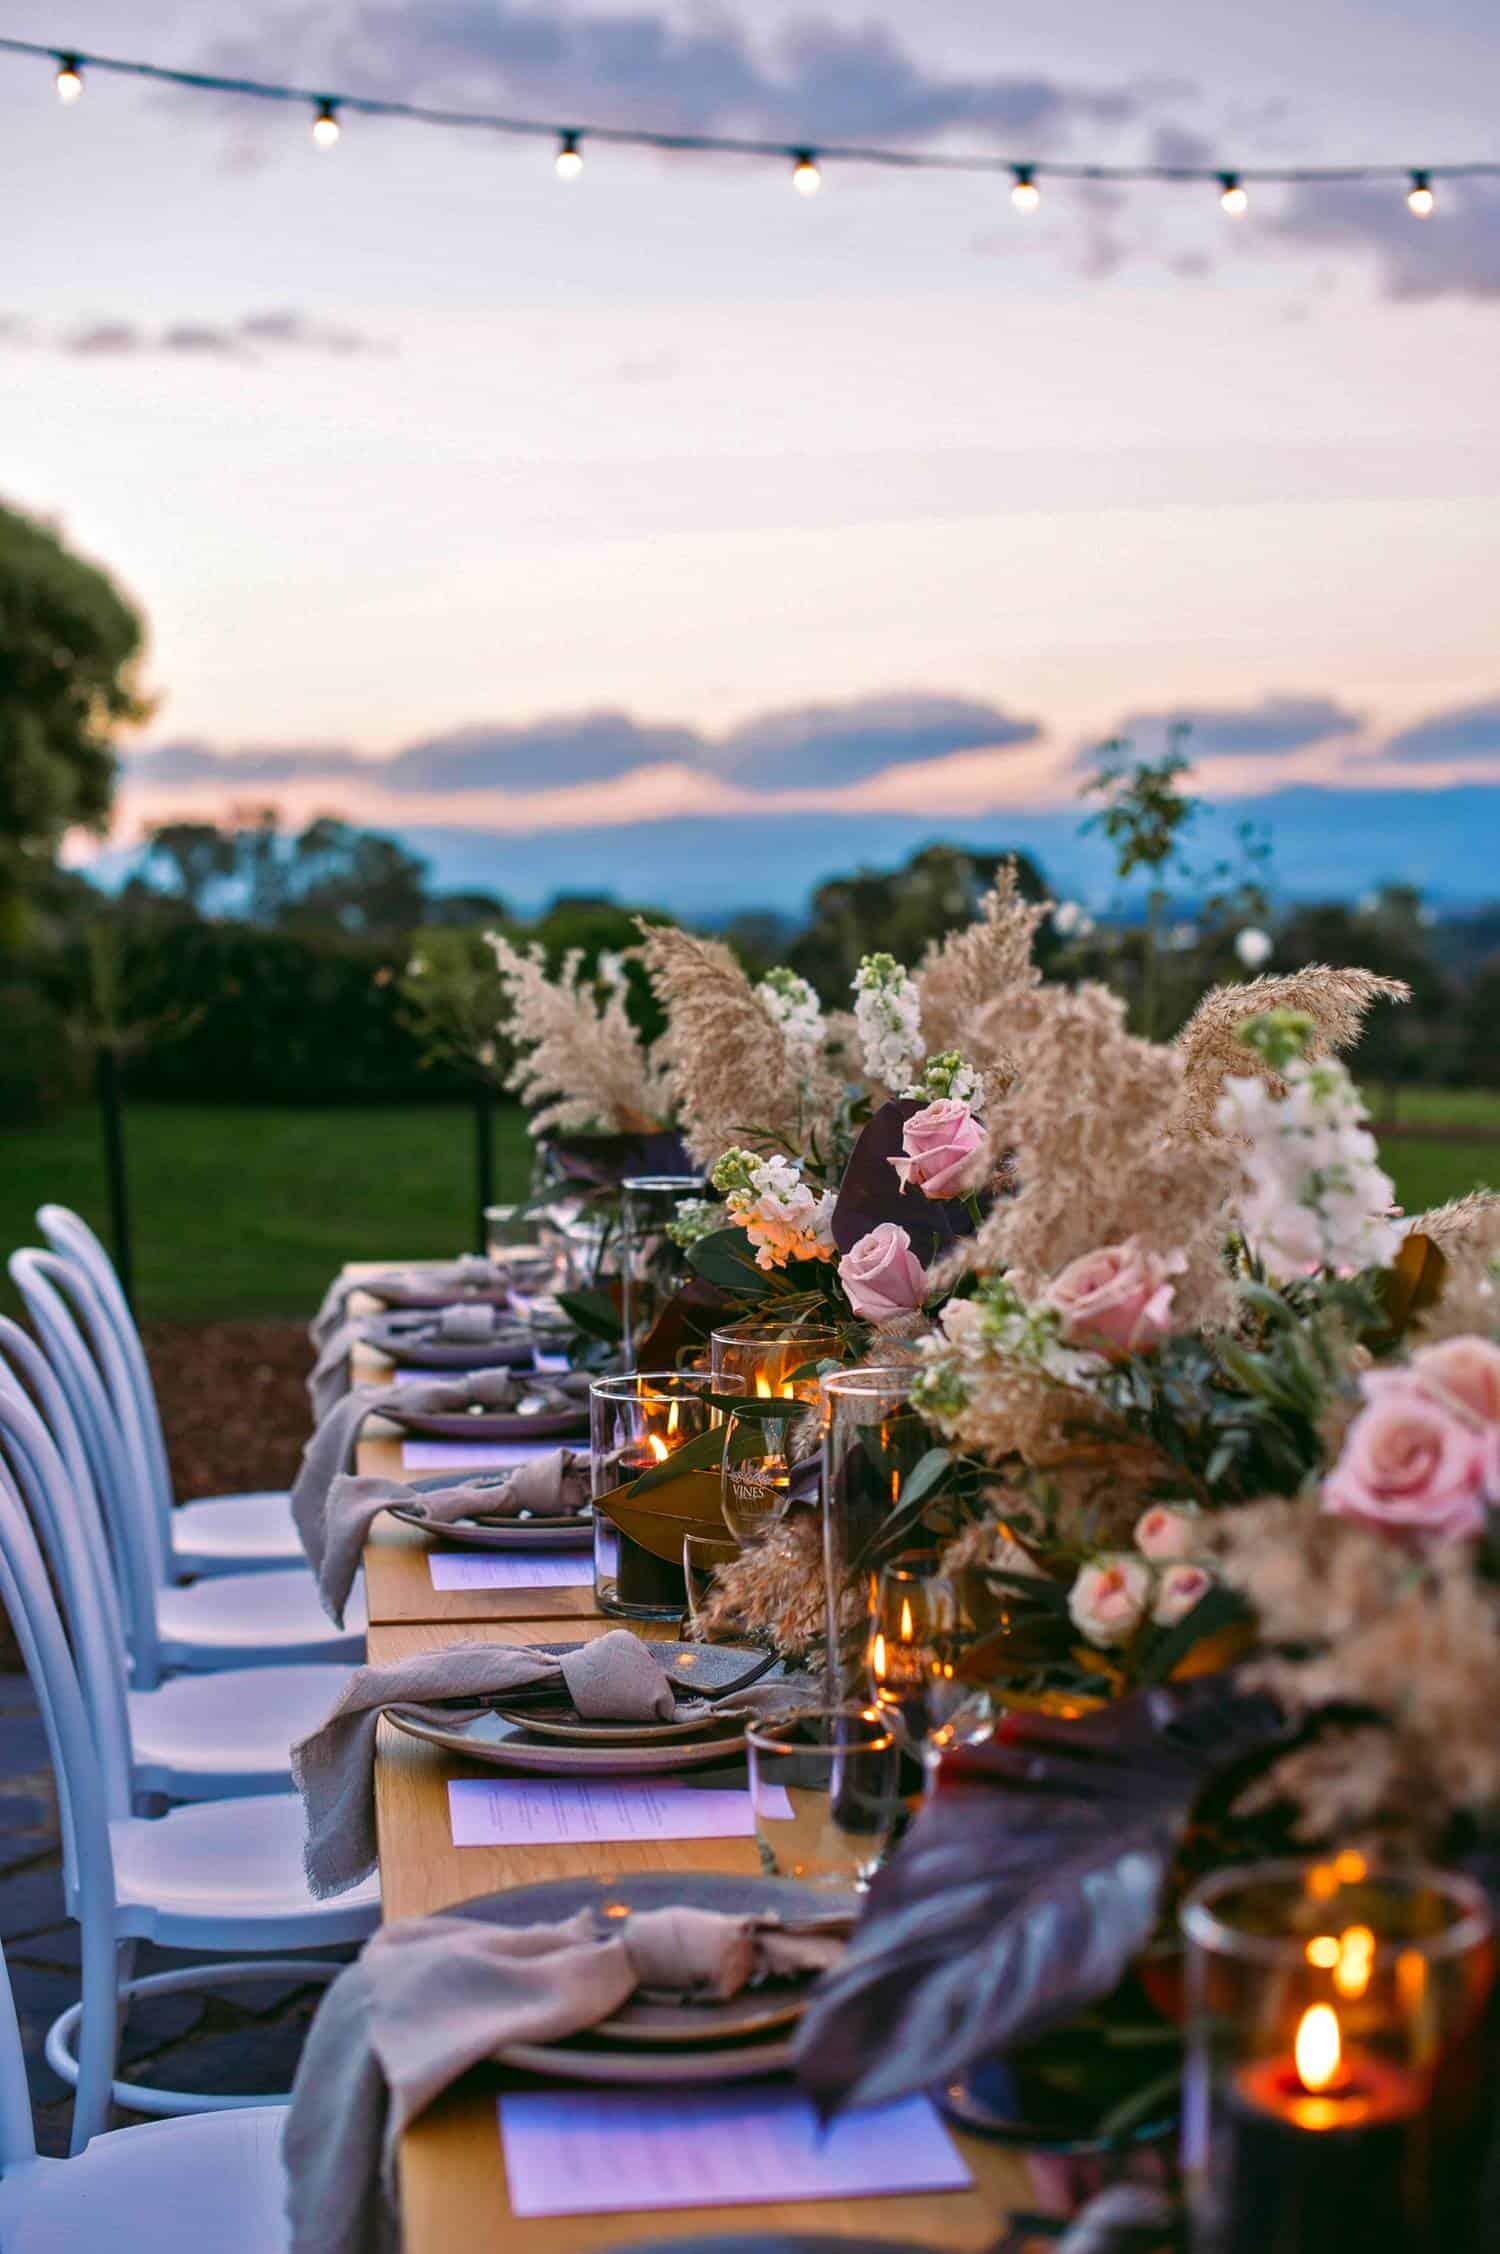 wedding planner arrangements